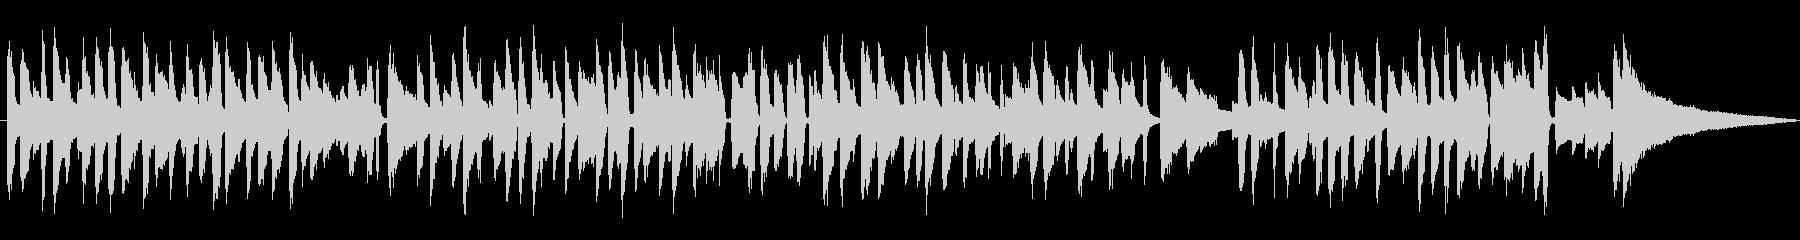 ジャズラウンジピアノソロ/スウィング風味の未再生の波形